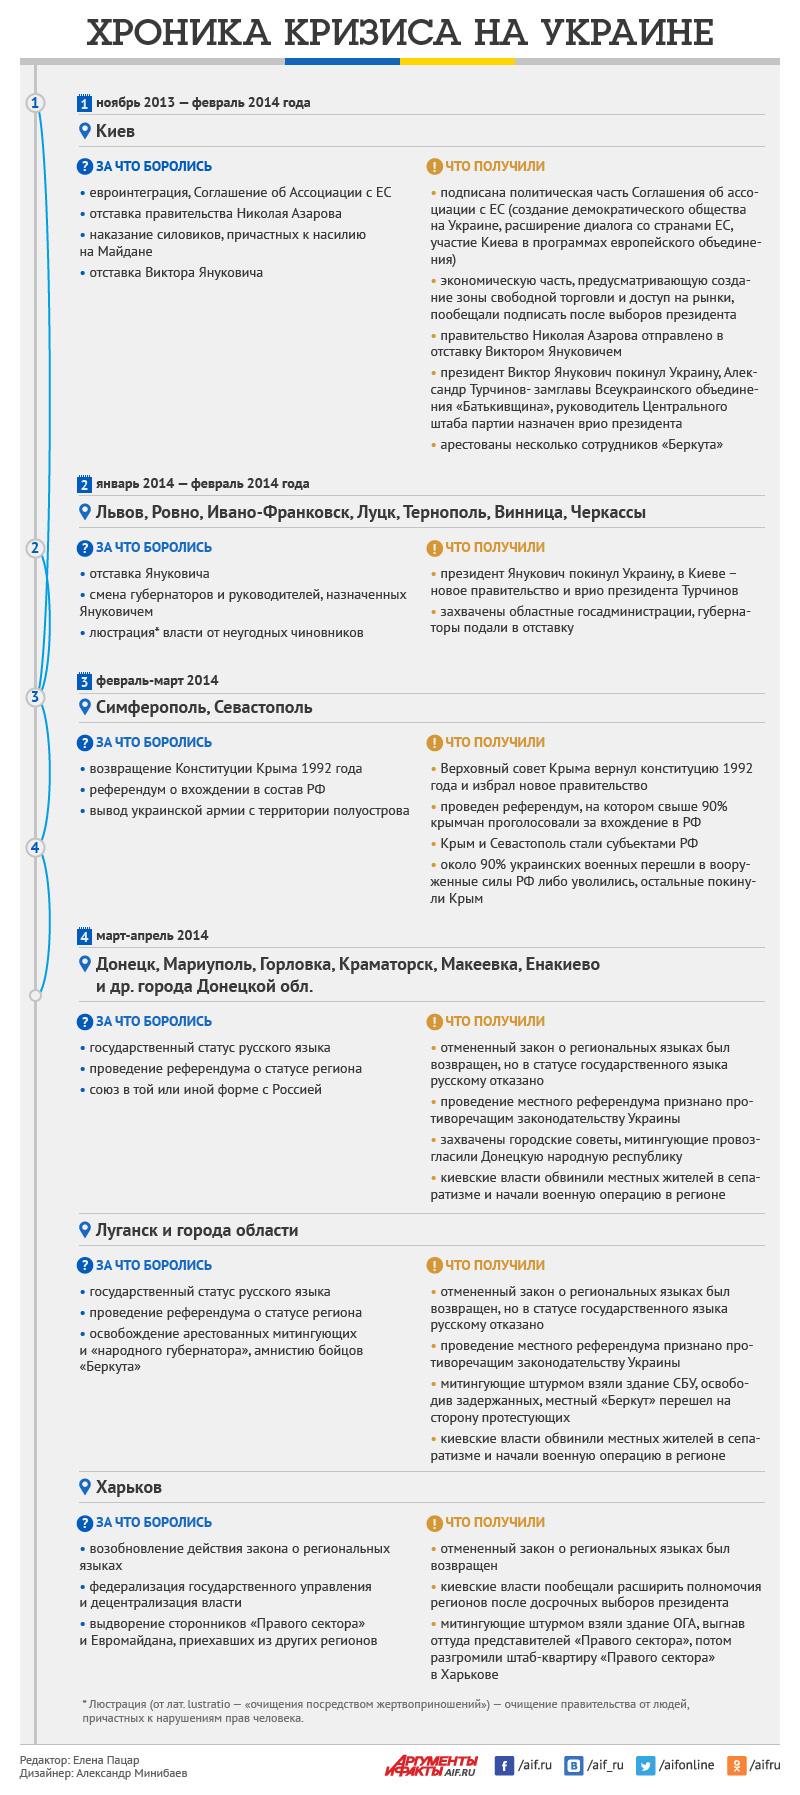 Хроника кризиса на Украине. Инфографика